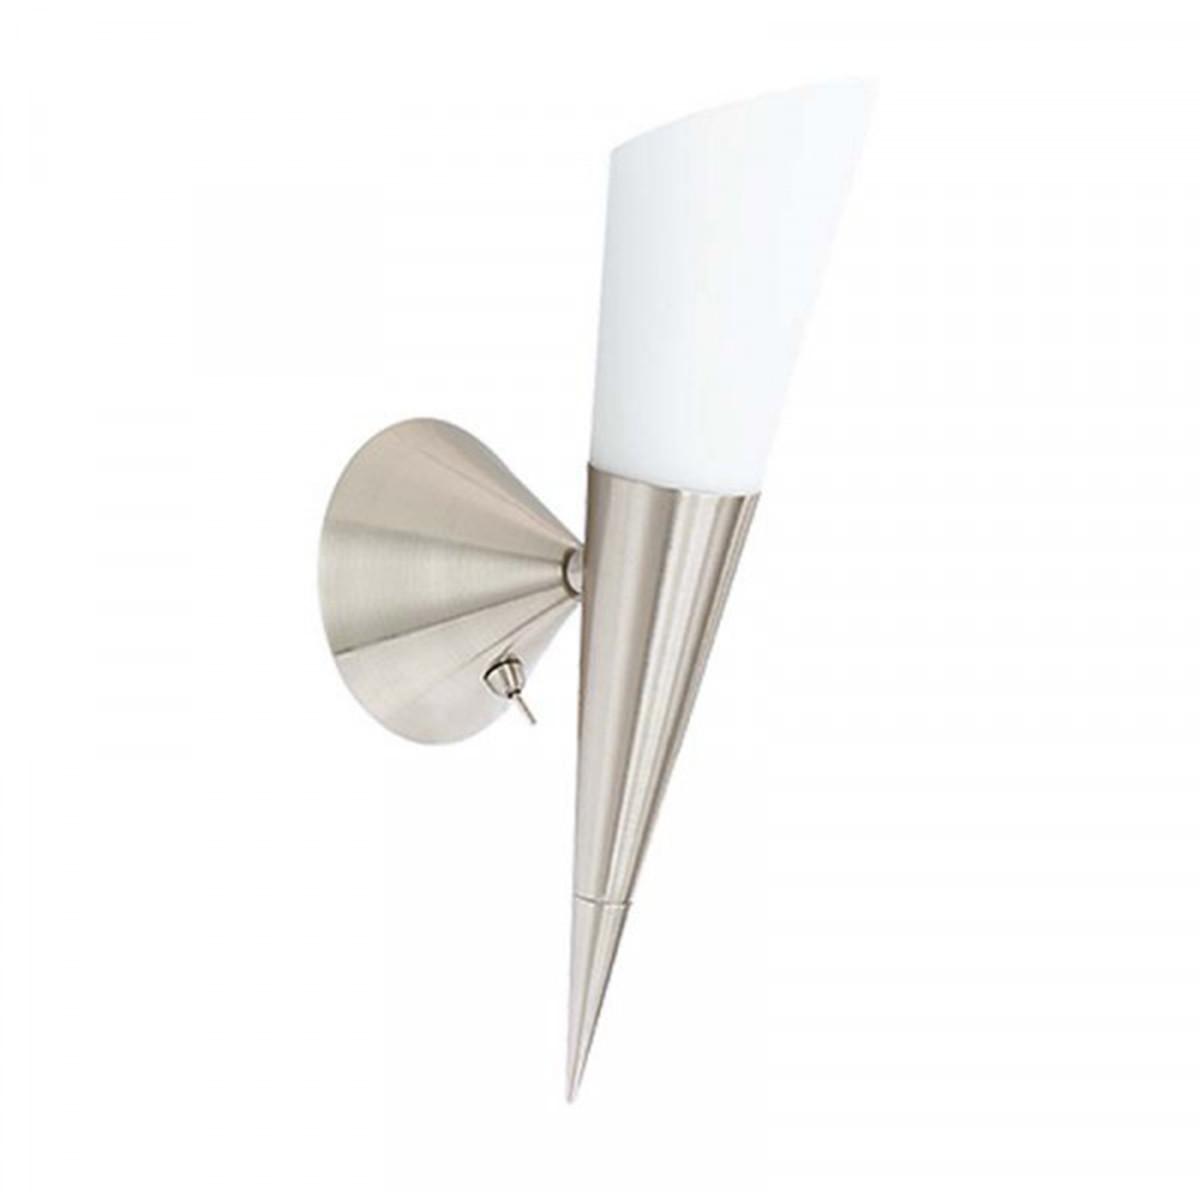 LED Wandlamp - Wandverlichting - Trion Kano - E14 Fitting - Rond - Mat Nikkel - Aluminium